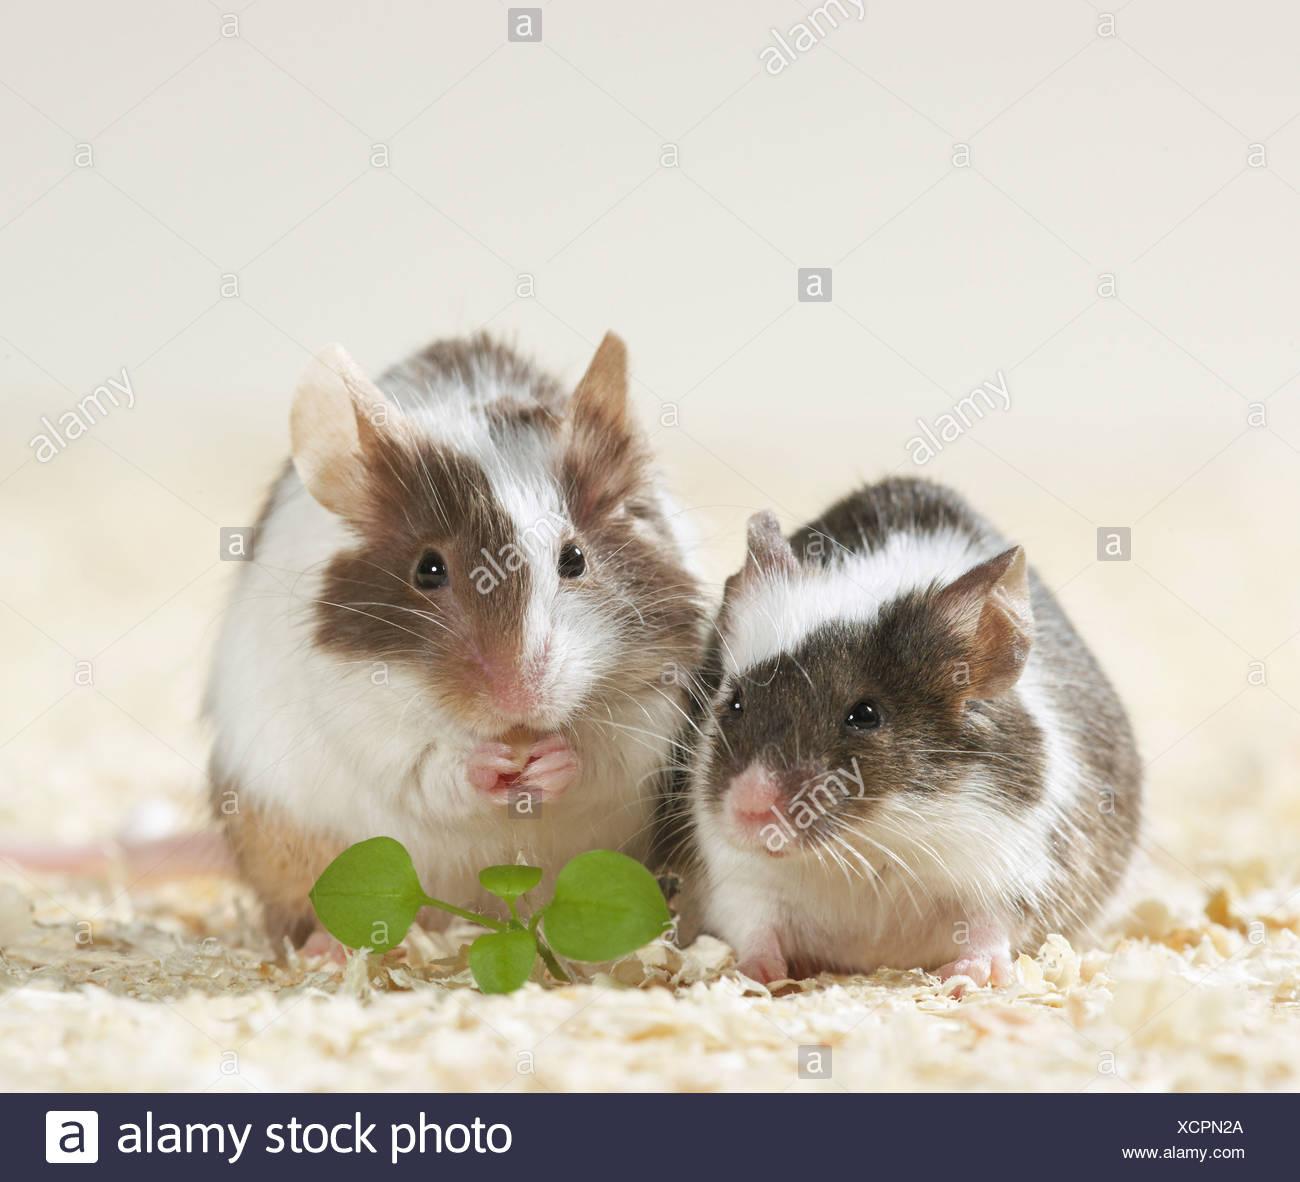 Gemütlich Mäuse Die Drähte Essen Zeitgenössisch - Elektrische ...